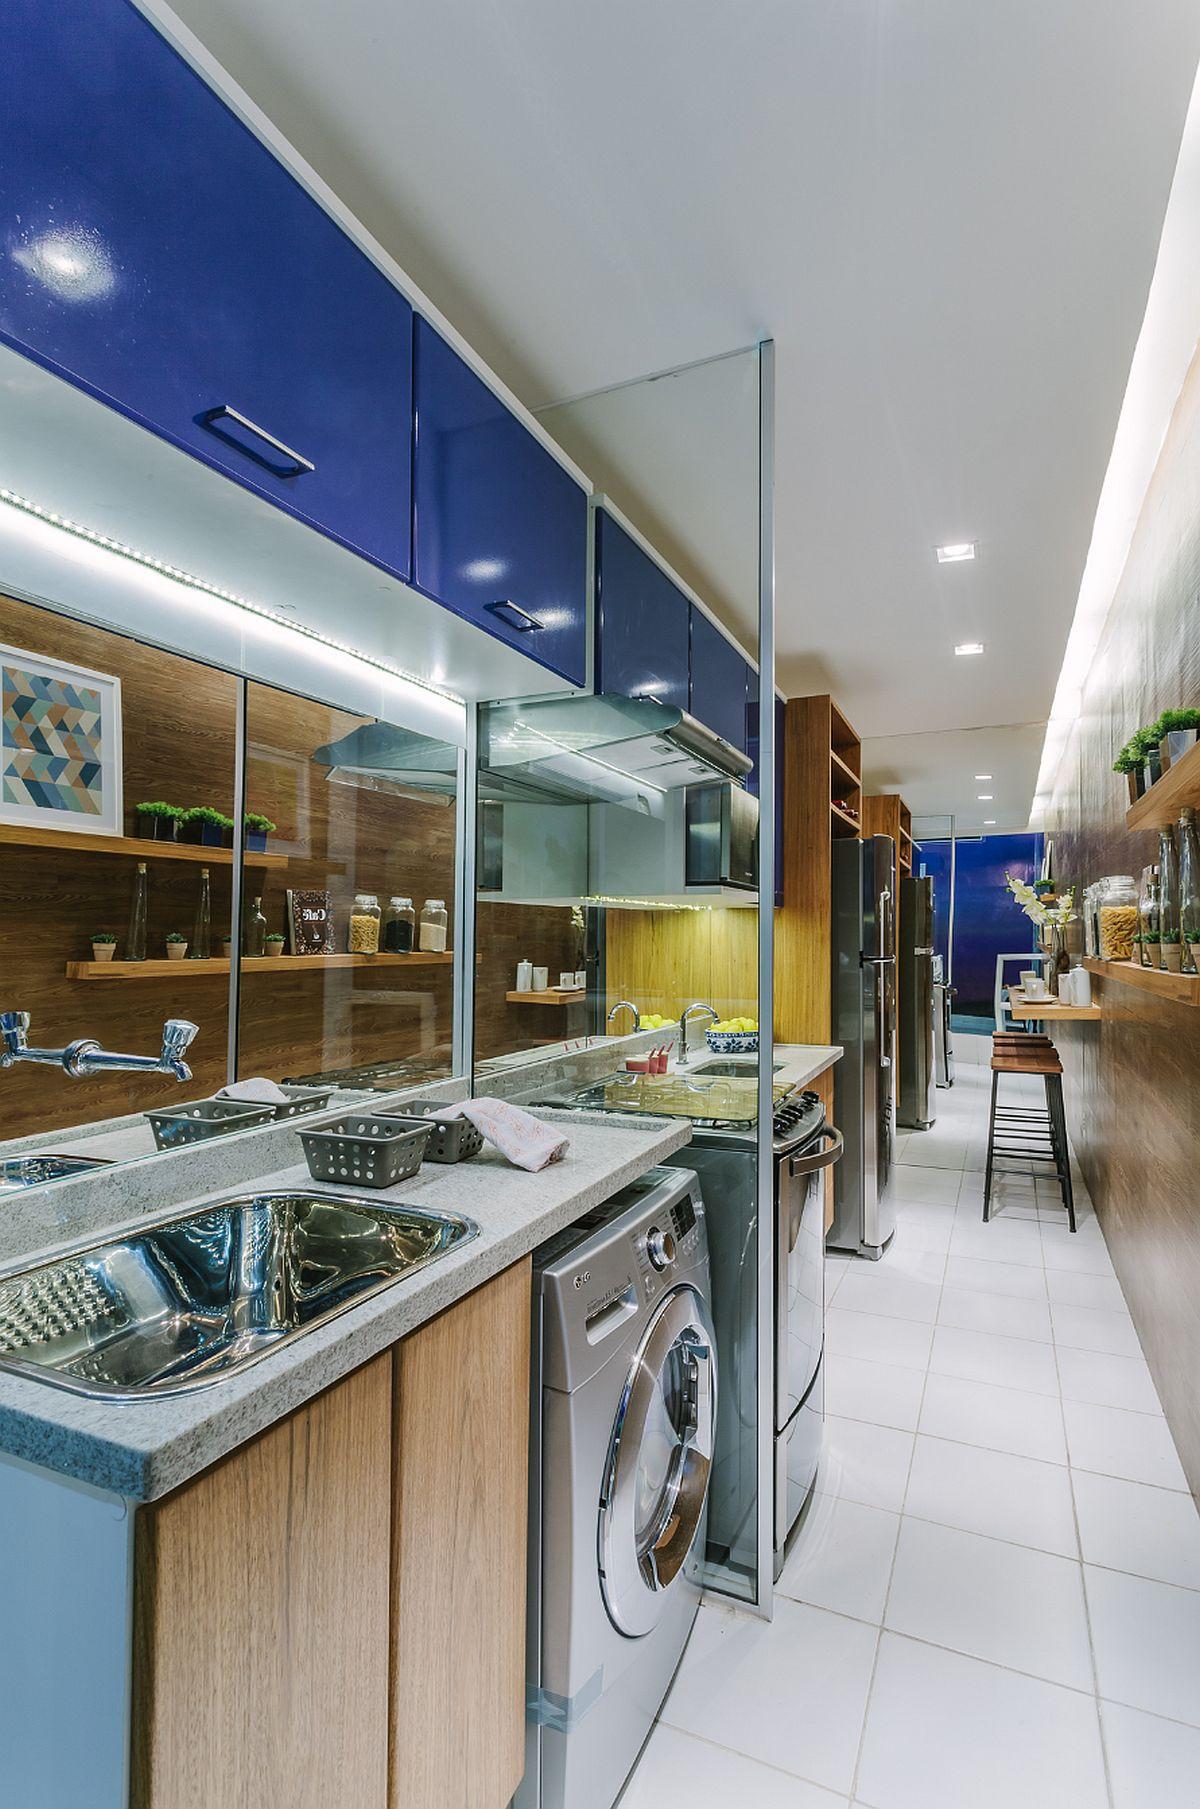 Efectul oglinzilor se simte cel mai bine în bucătărie, unde pe latura îngustă de la intrarea în bucătărie tot peretele este placat. Astfel, spațiul pare și mai lung decât în realitate. Pe lângă locul de masă de la intrarea în bucătărie și zona de gătit pe partea opusă, un paravan separă bucătăria de locul mașini de spălat și al unui lavoar pentru rufe, chiar dacă mobilierul este gândit unitar. Peretele opus moblei a fost placat pentru a fi protejat, dar și din punt de vedere vizual arată bine.